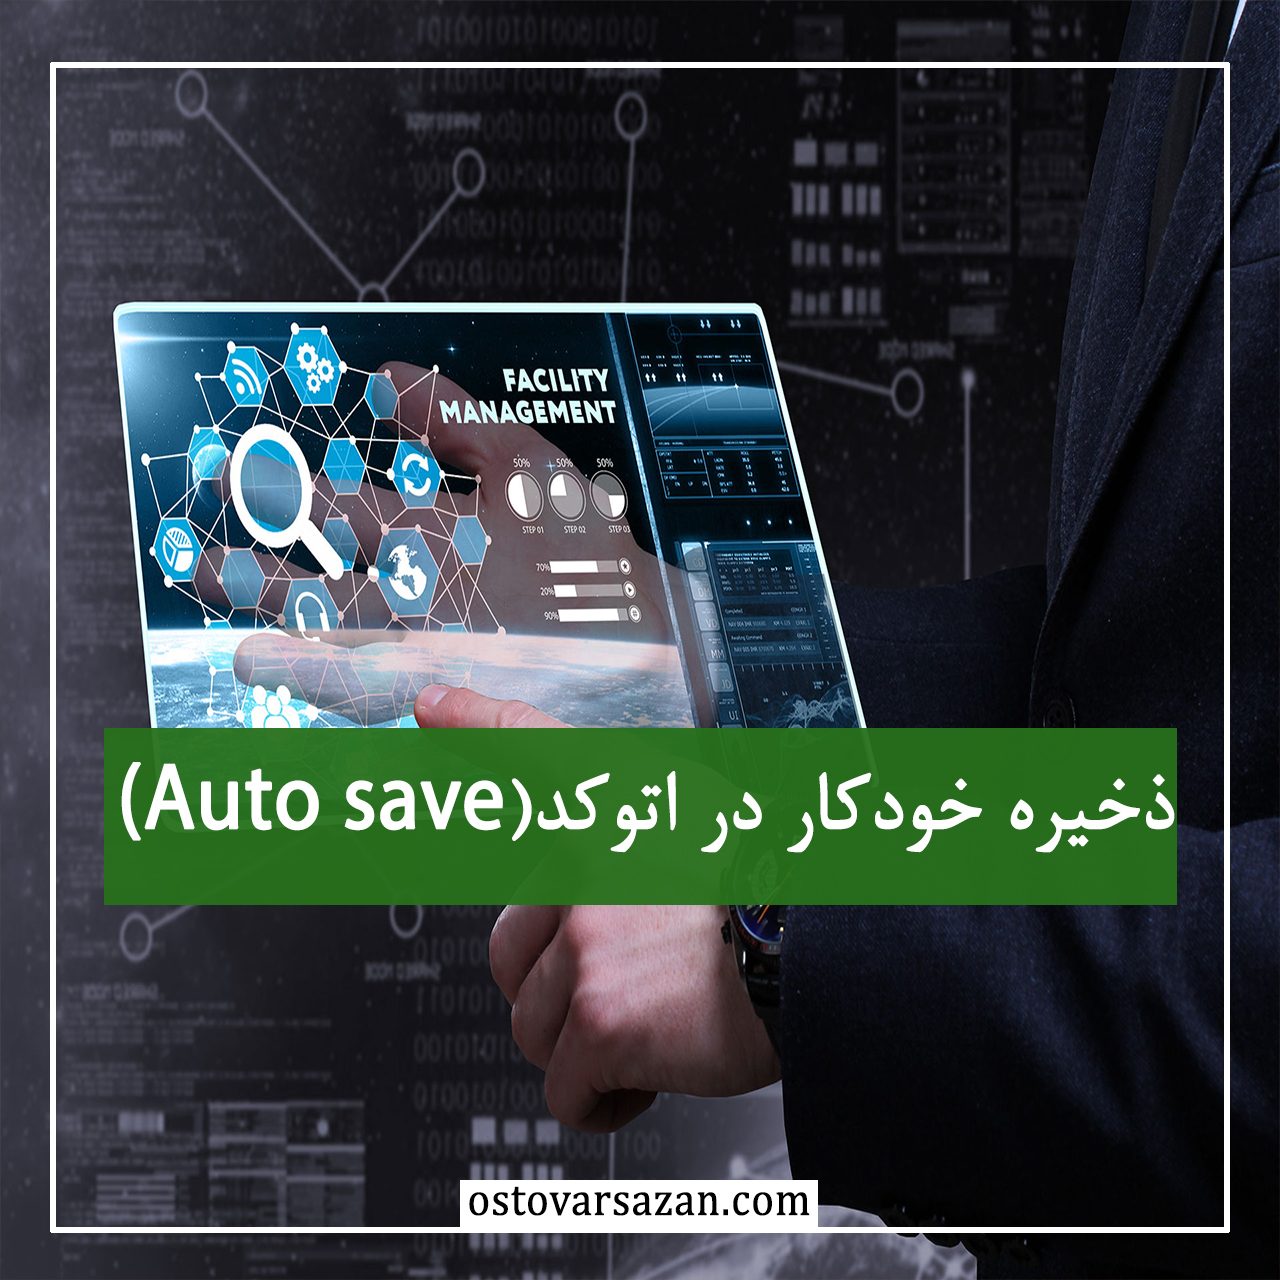 ذخیره اتوماتیک در اتوکد با دستور auto save